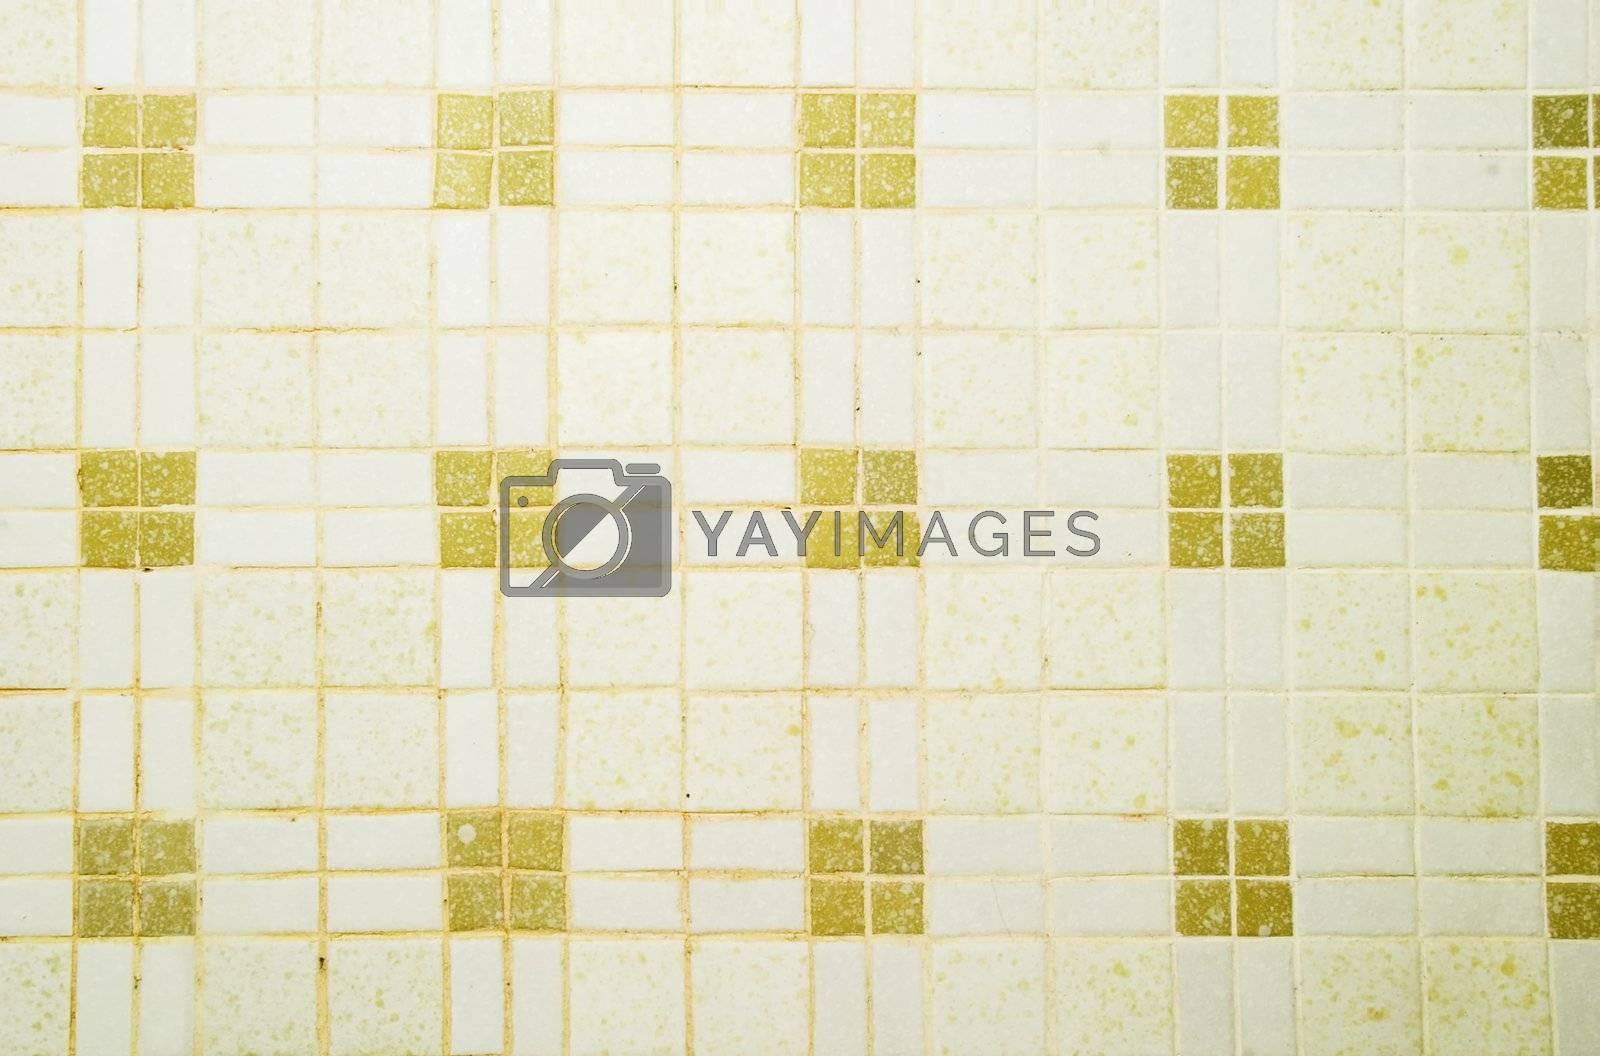 A retro ceramic tile texture image.